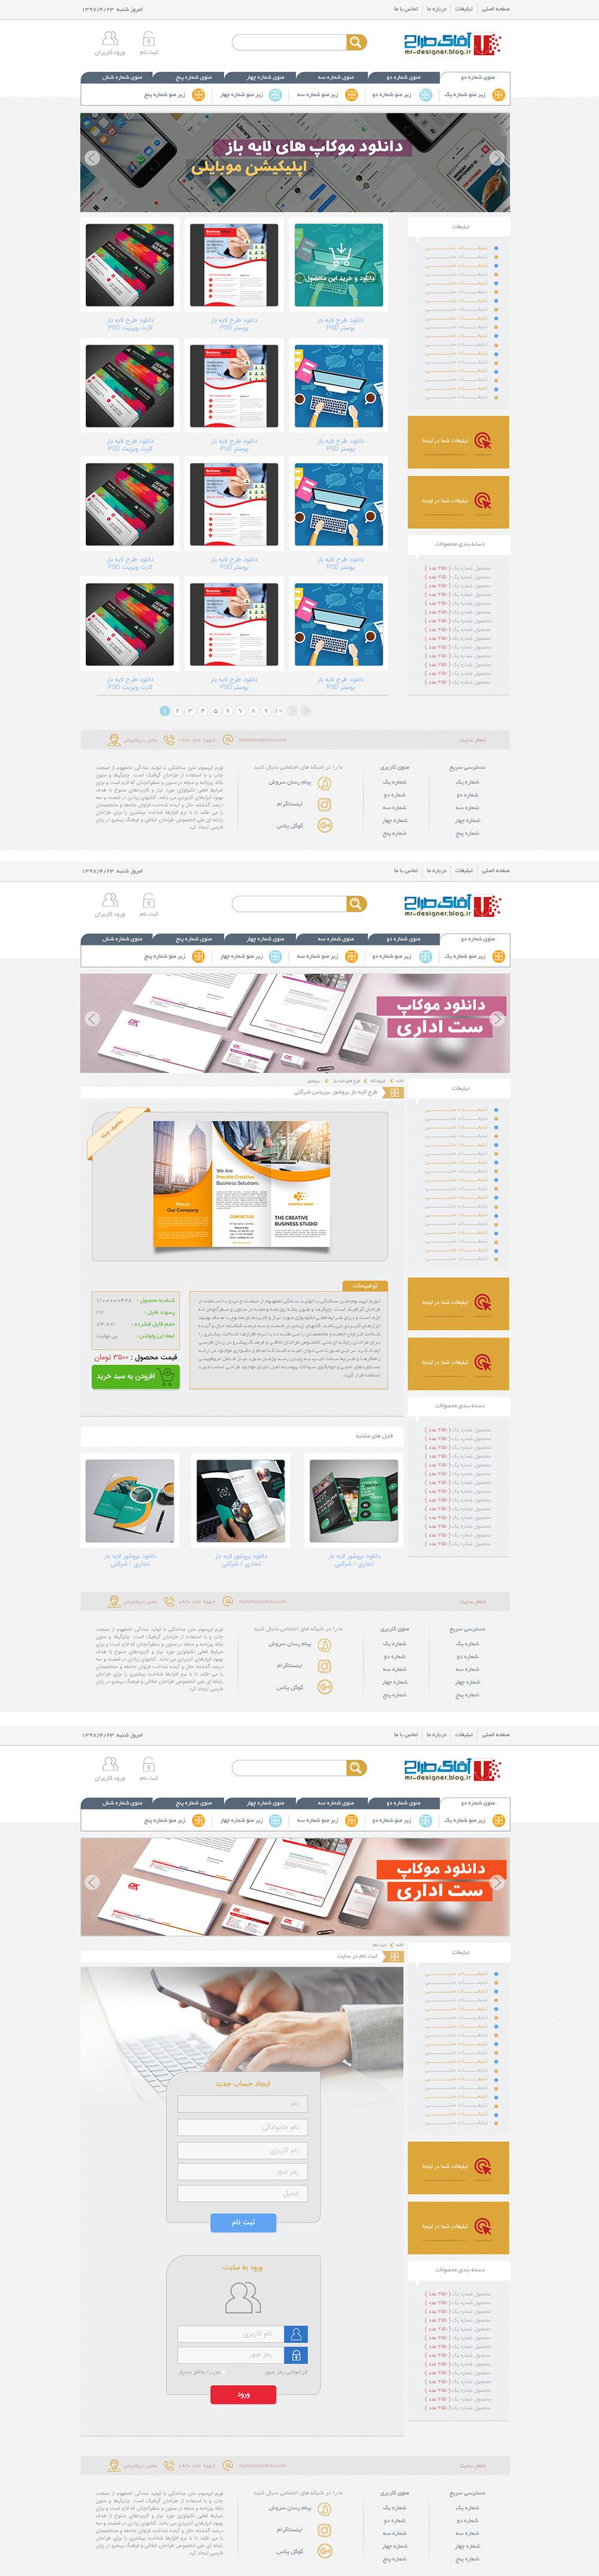 قالب psd دیزاین |قالب لایه باز فروشگاه دیزاین | قالب لایه باز و psd راست چین